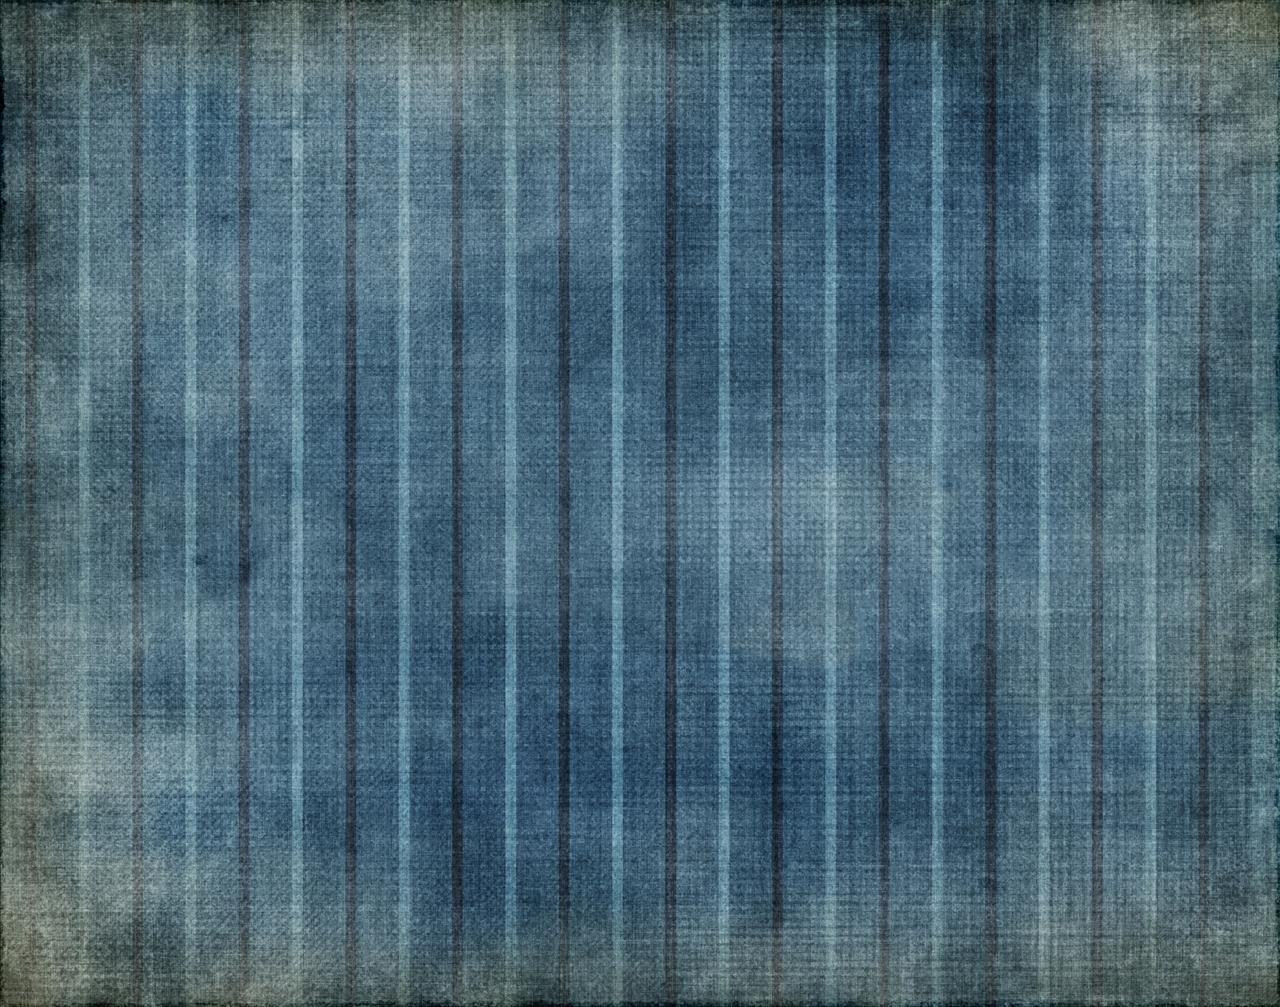 Vintage Stripes Backgrounds